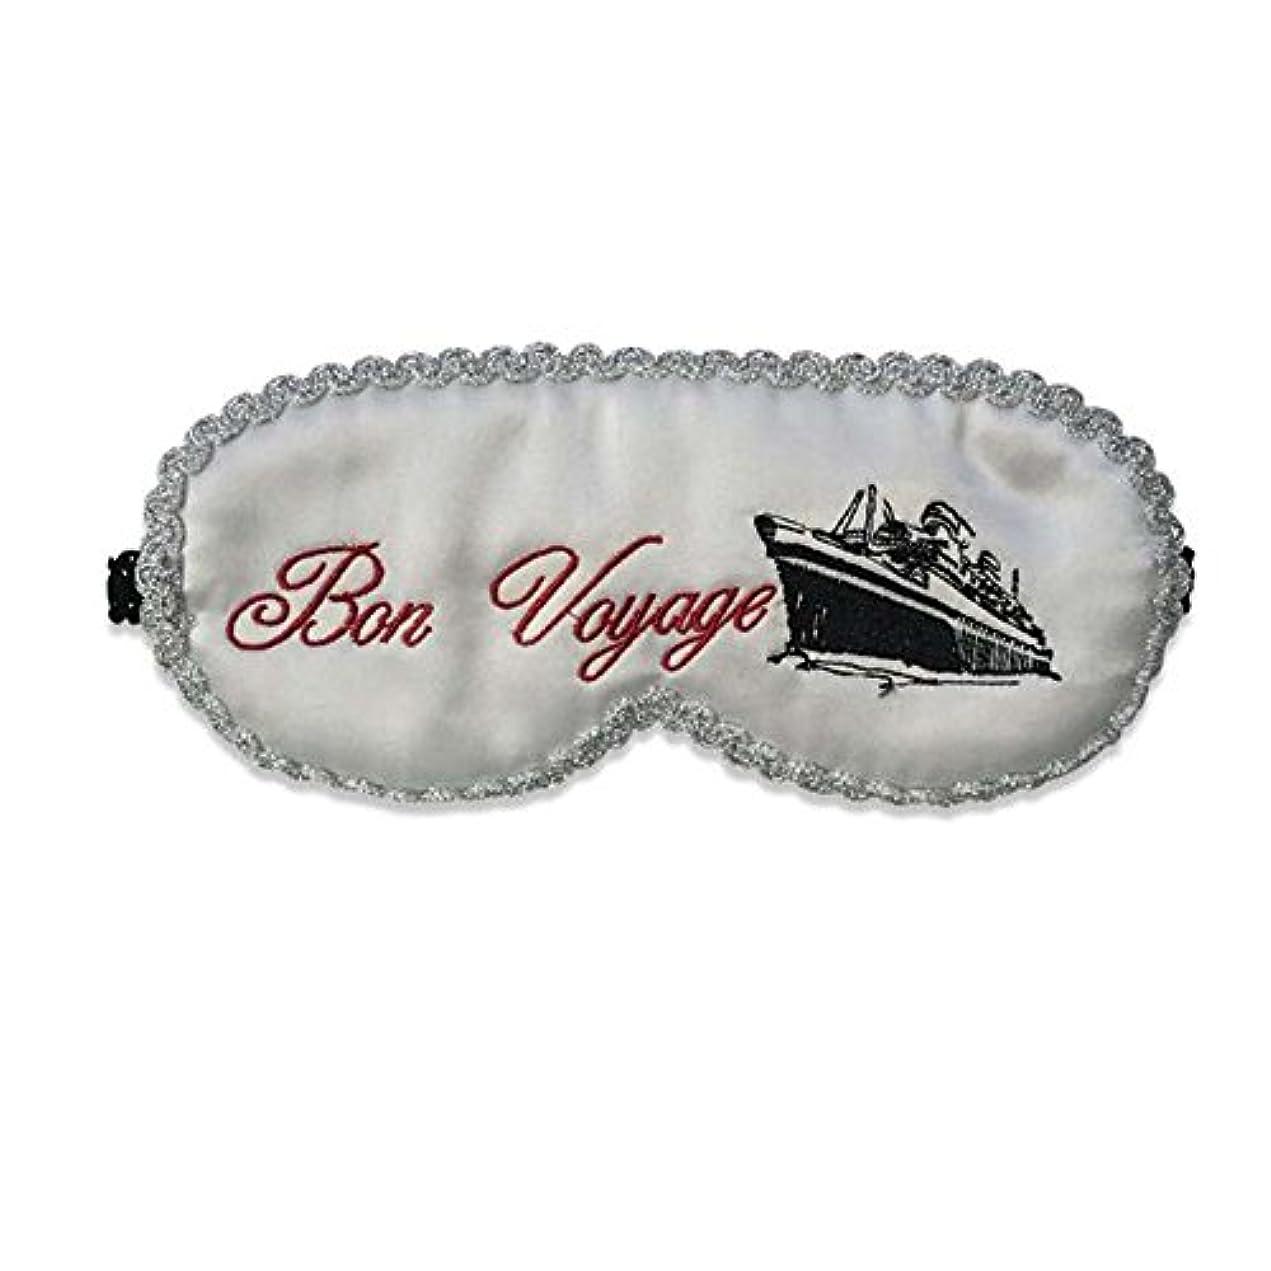 思想豚魅力白いラブリースタイルのデザインソフトシルクスリープアイマスクカバー